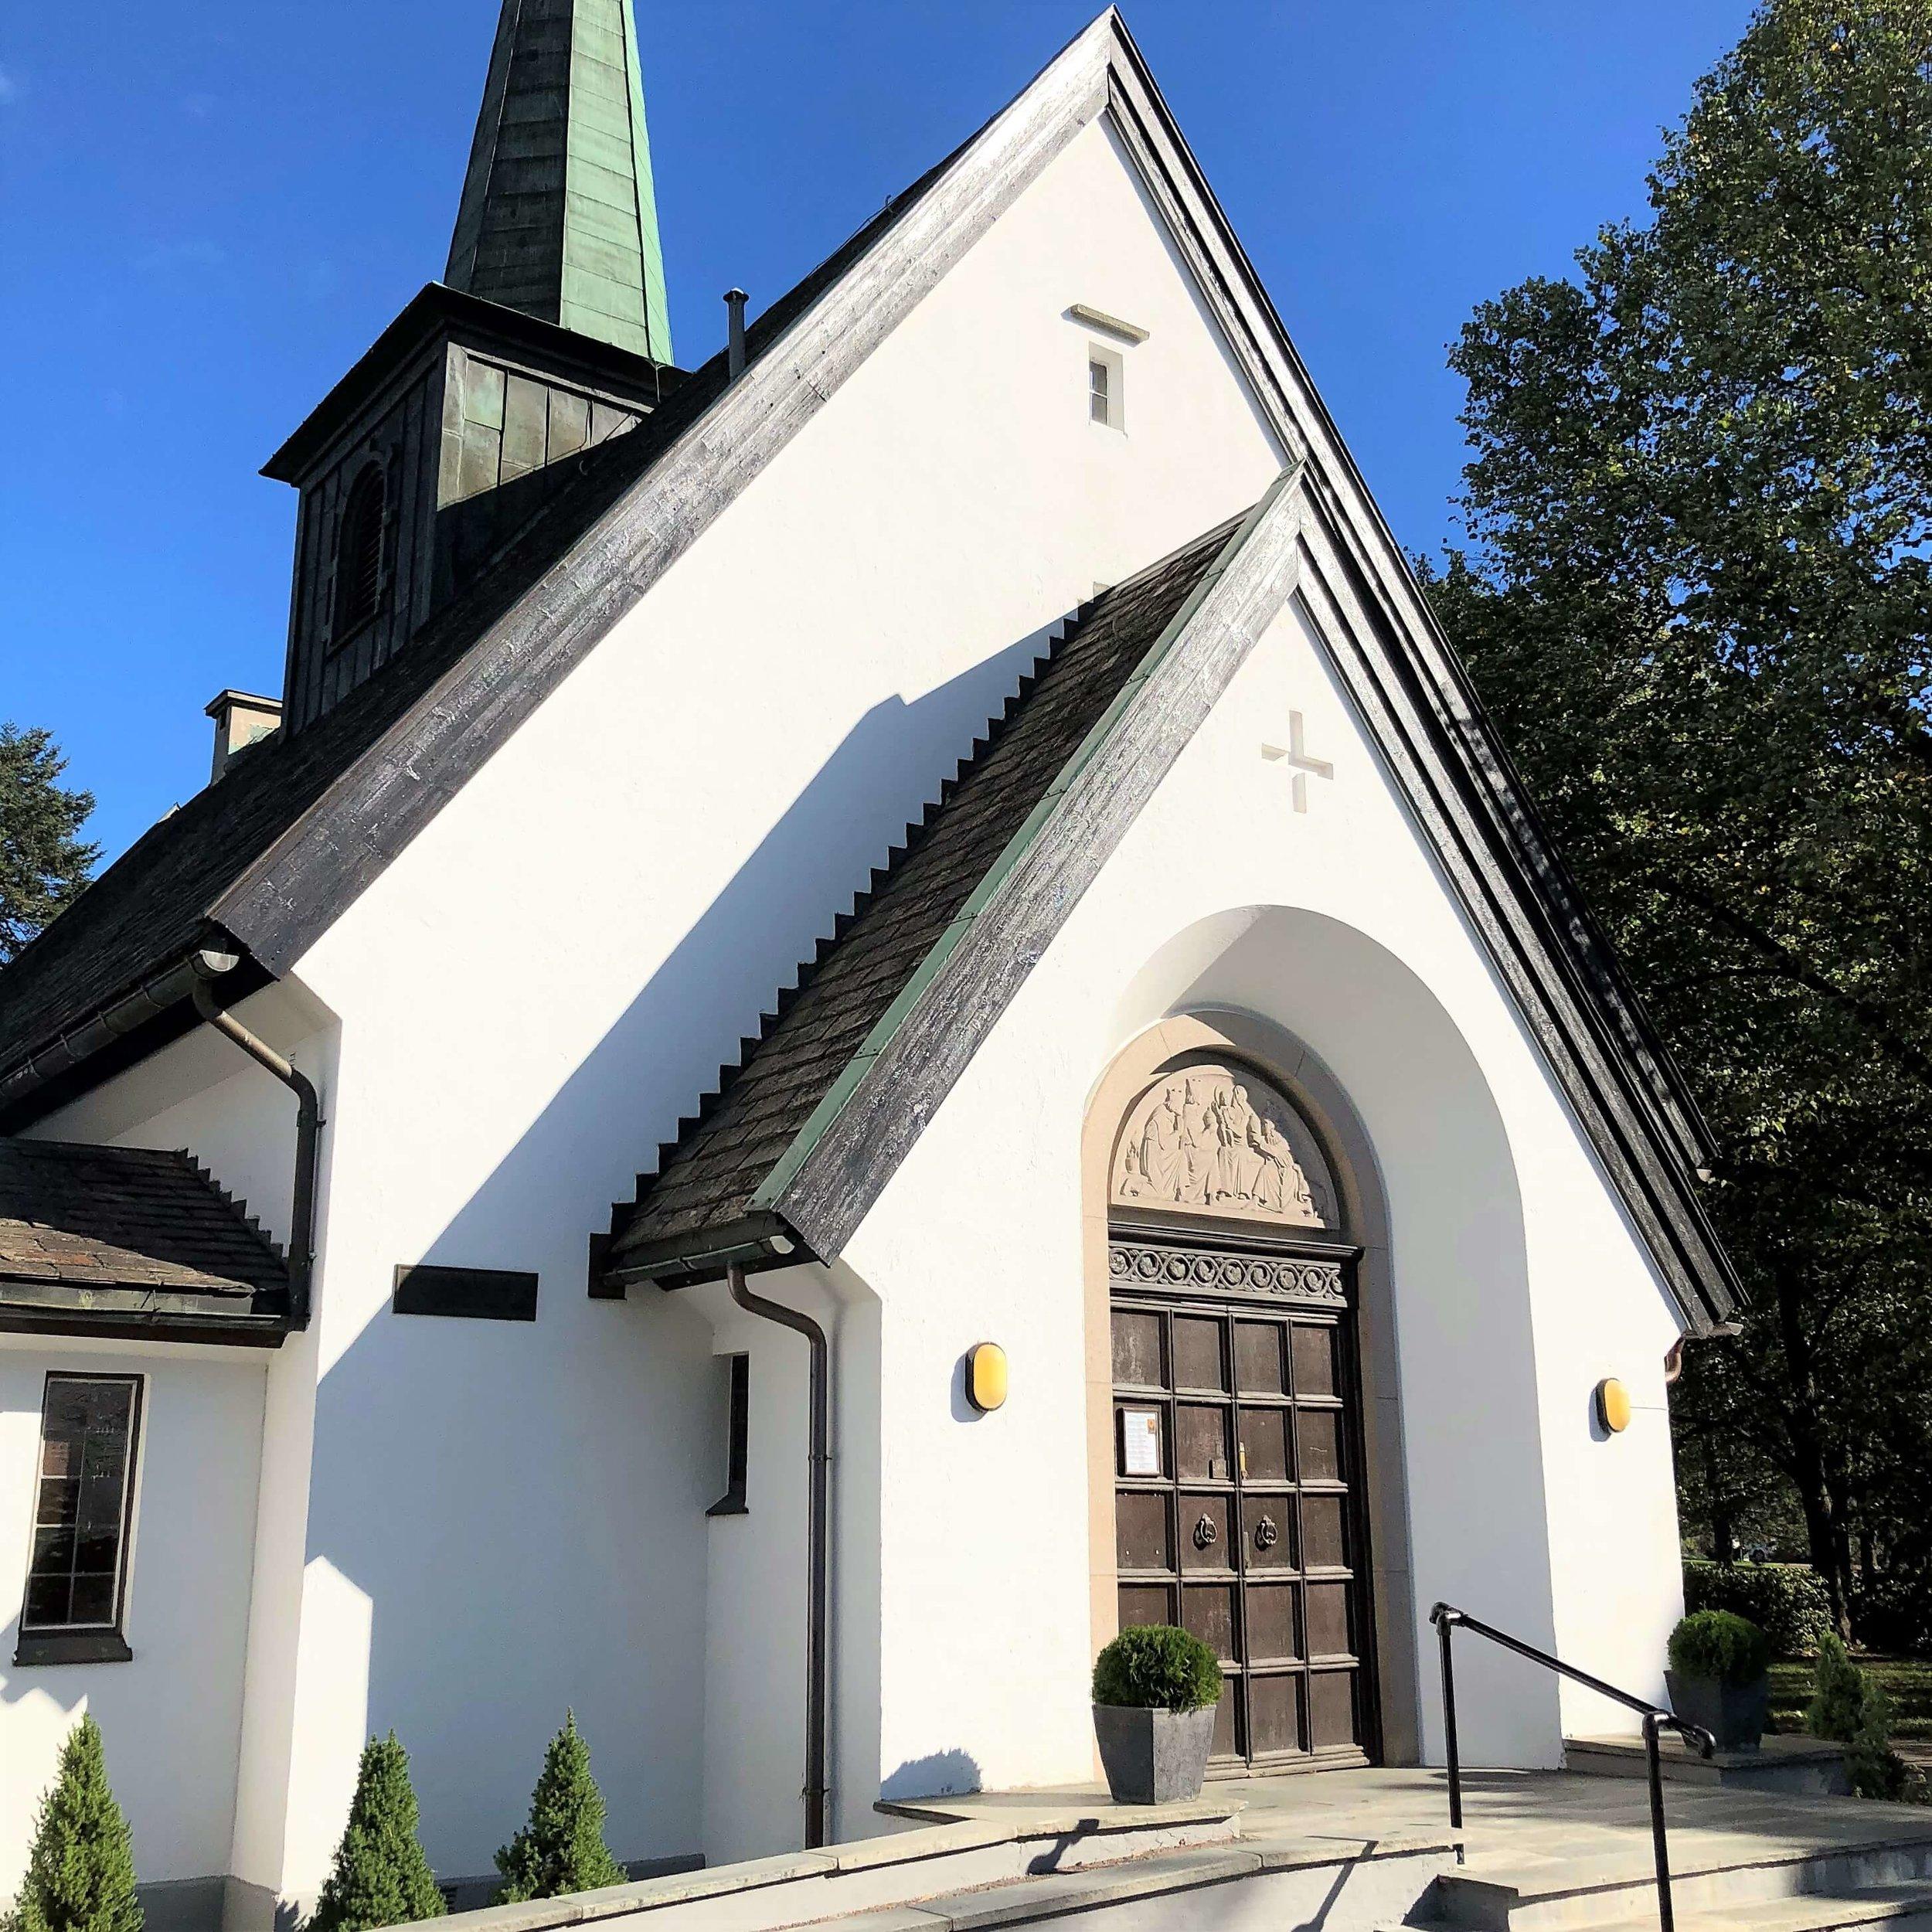 Høybråten kirke ble tegnet av arkitekt Georg Greve og innviet torsdag 30. juni 1932 kl 17 som gravkapell etter at kirkegården ble tatt i bruk i 1929 .